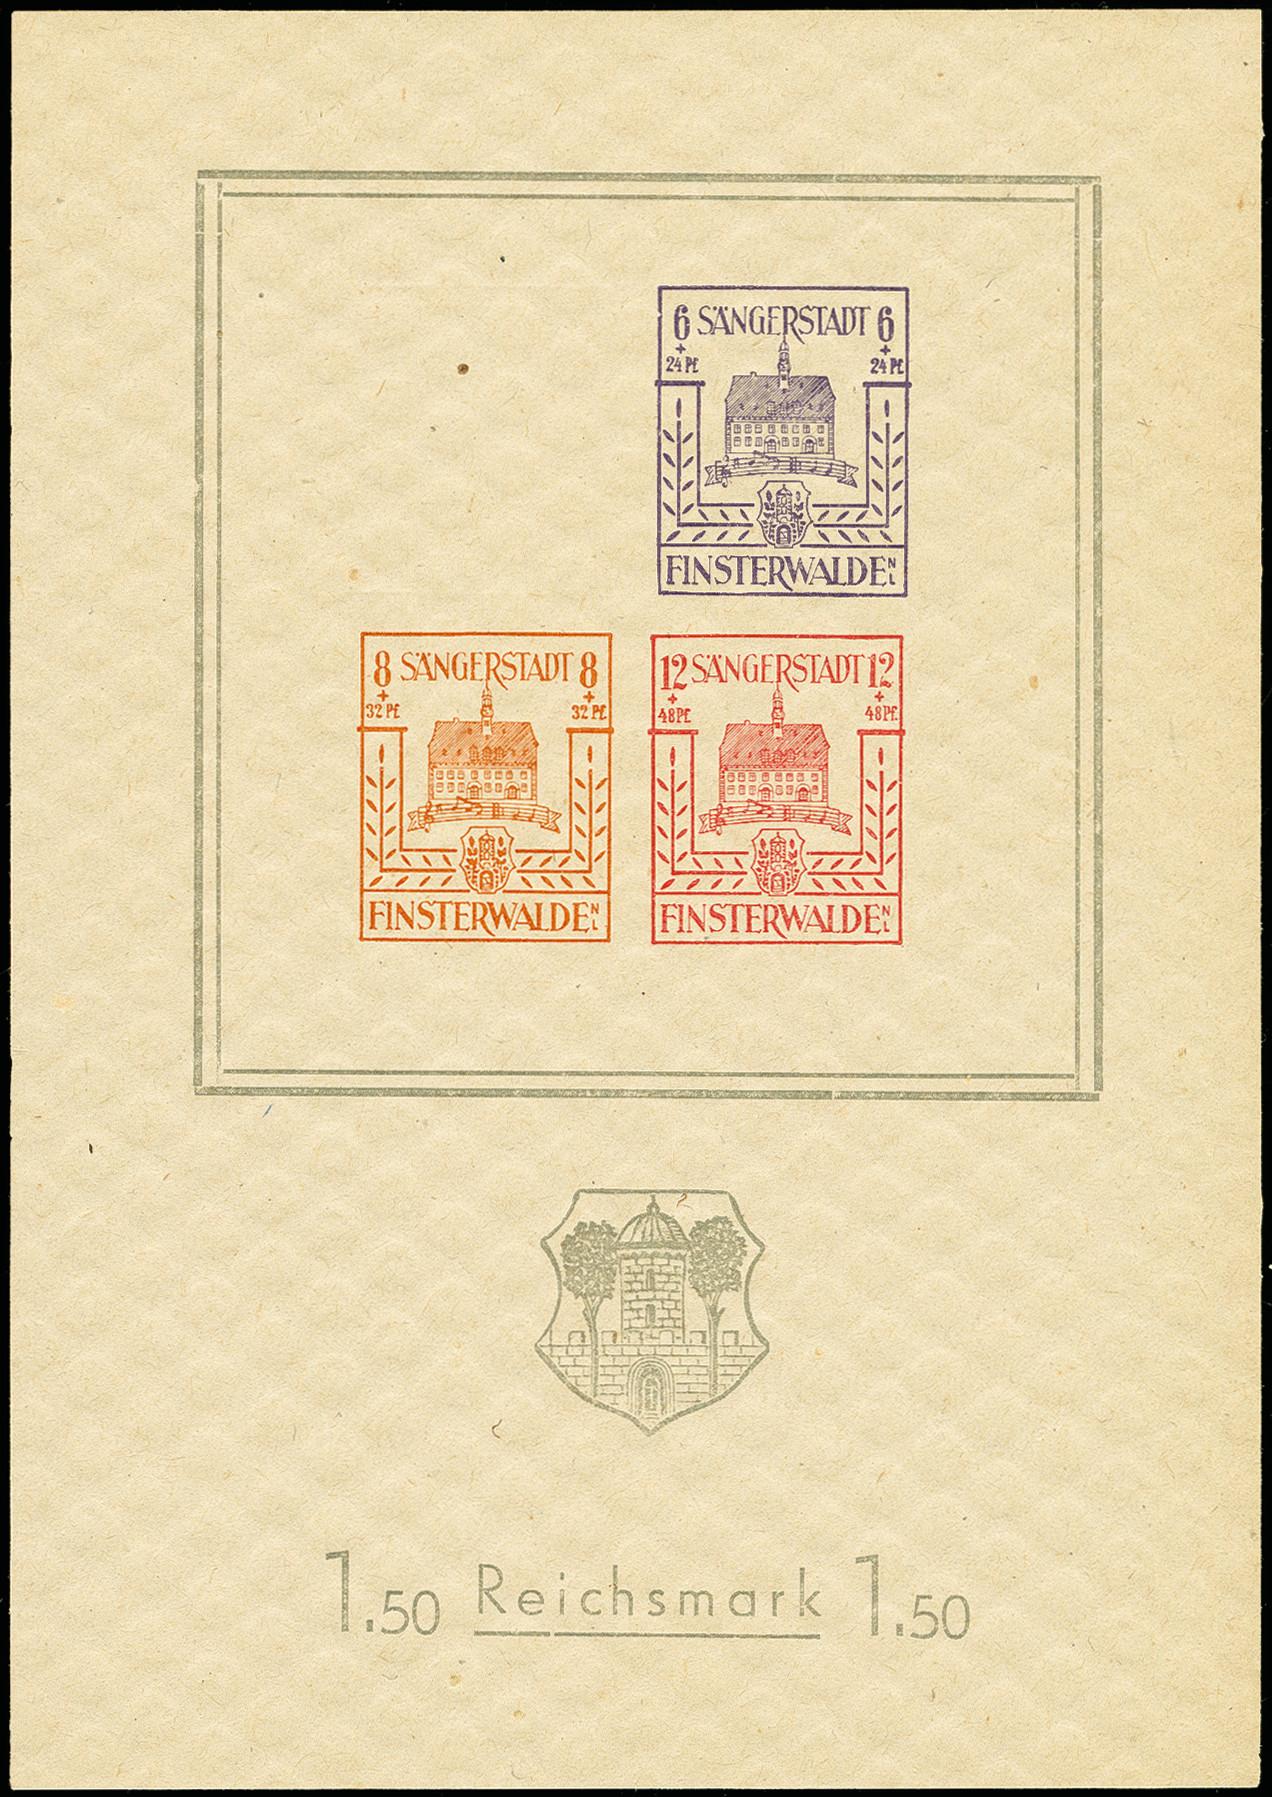 Lot 3471 - deutsche lokalausgaben ab 1945 finsterwalde -  Heinrich Koehler Auktionen 375rd Heinrich Köhler auction - Day 3